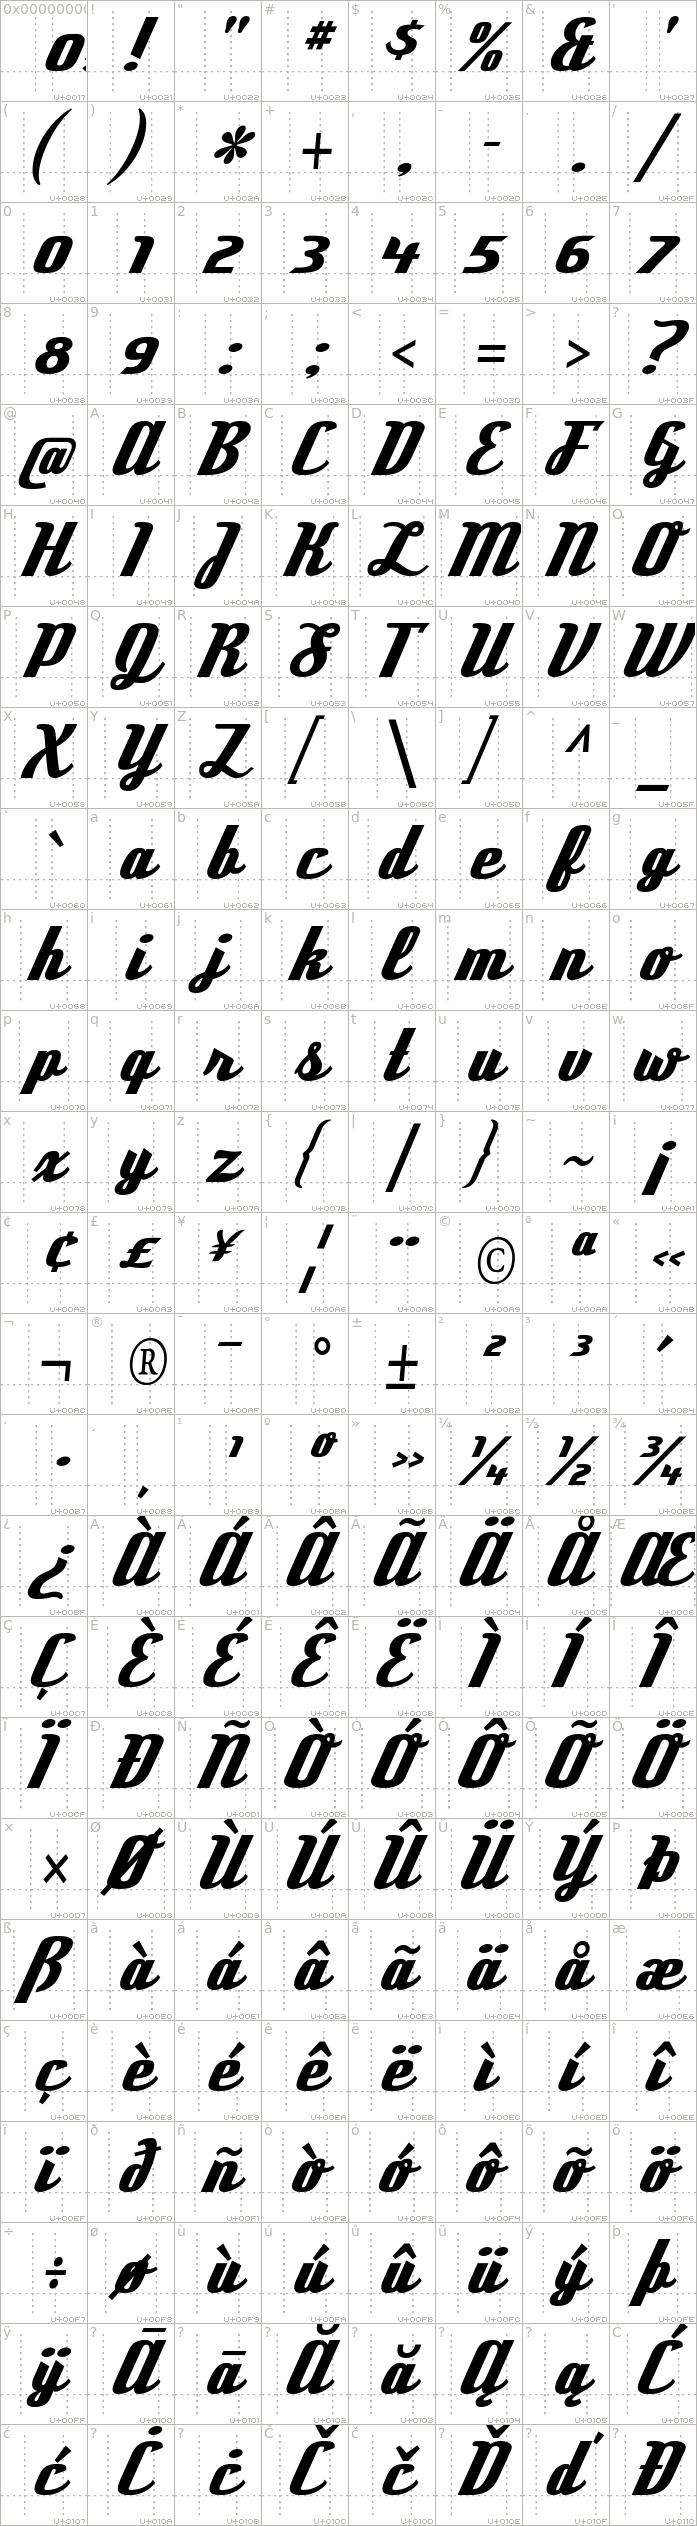 Скачать бесплатно шрифт deftone • дигмаст.